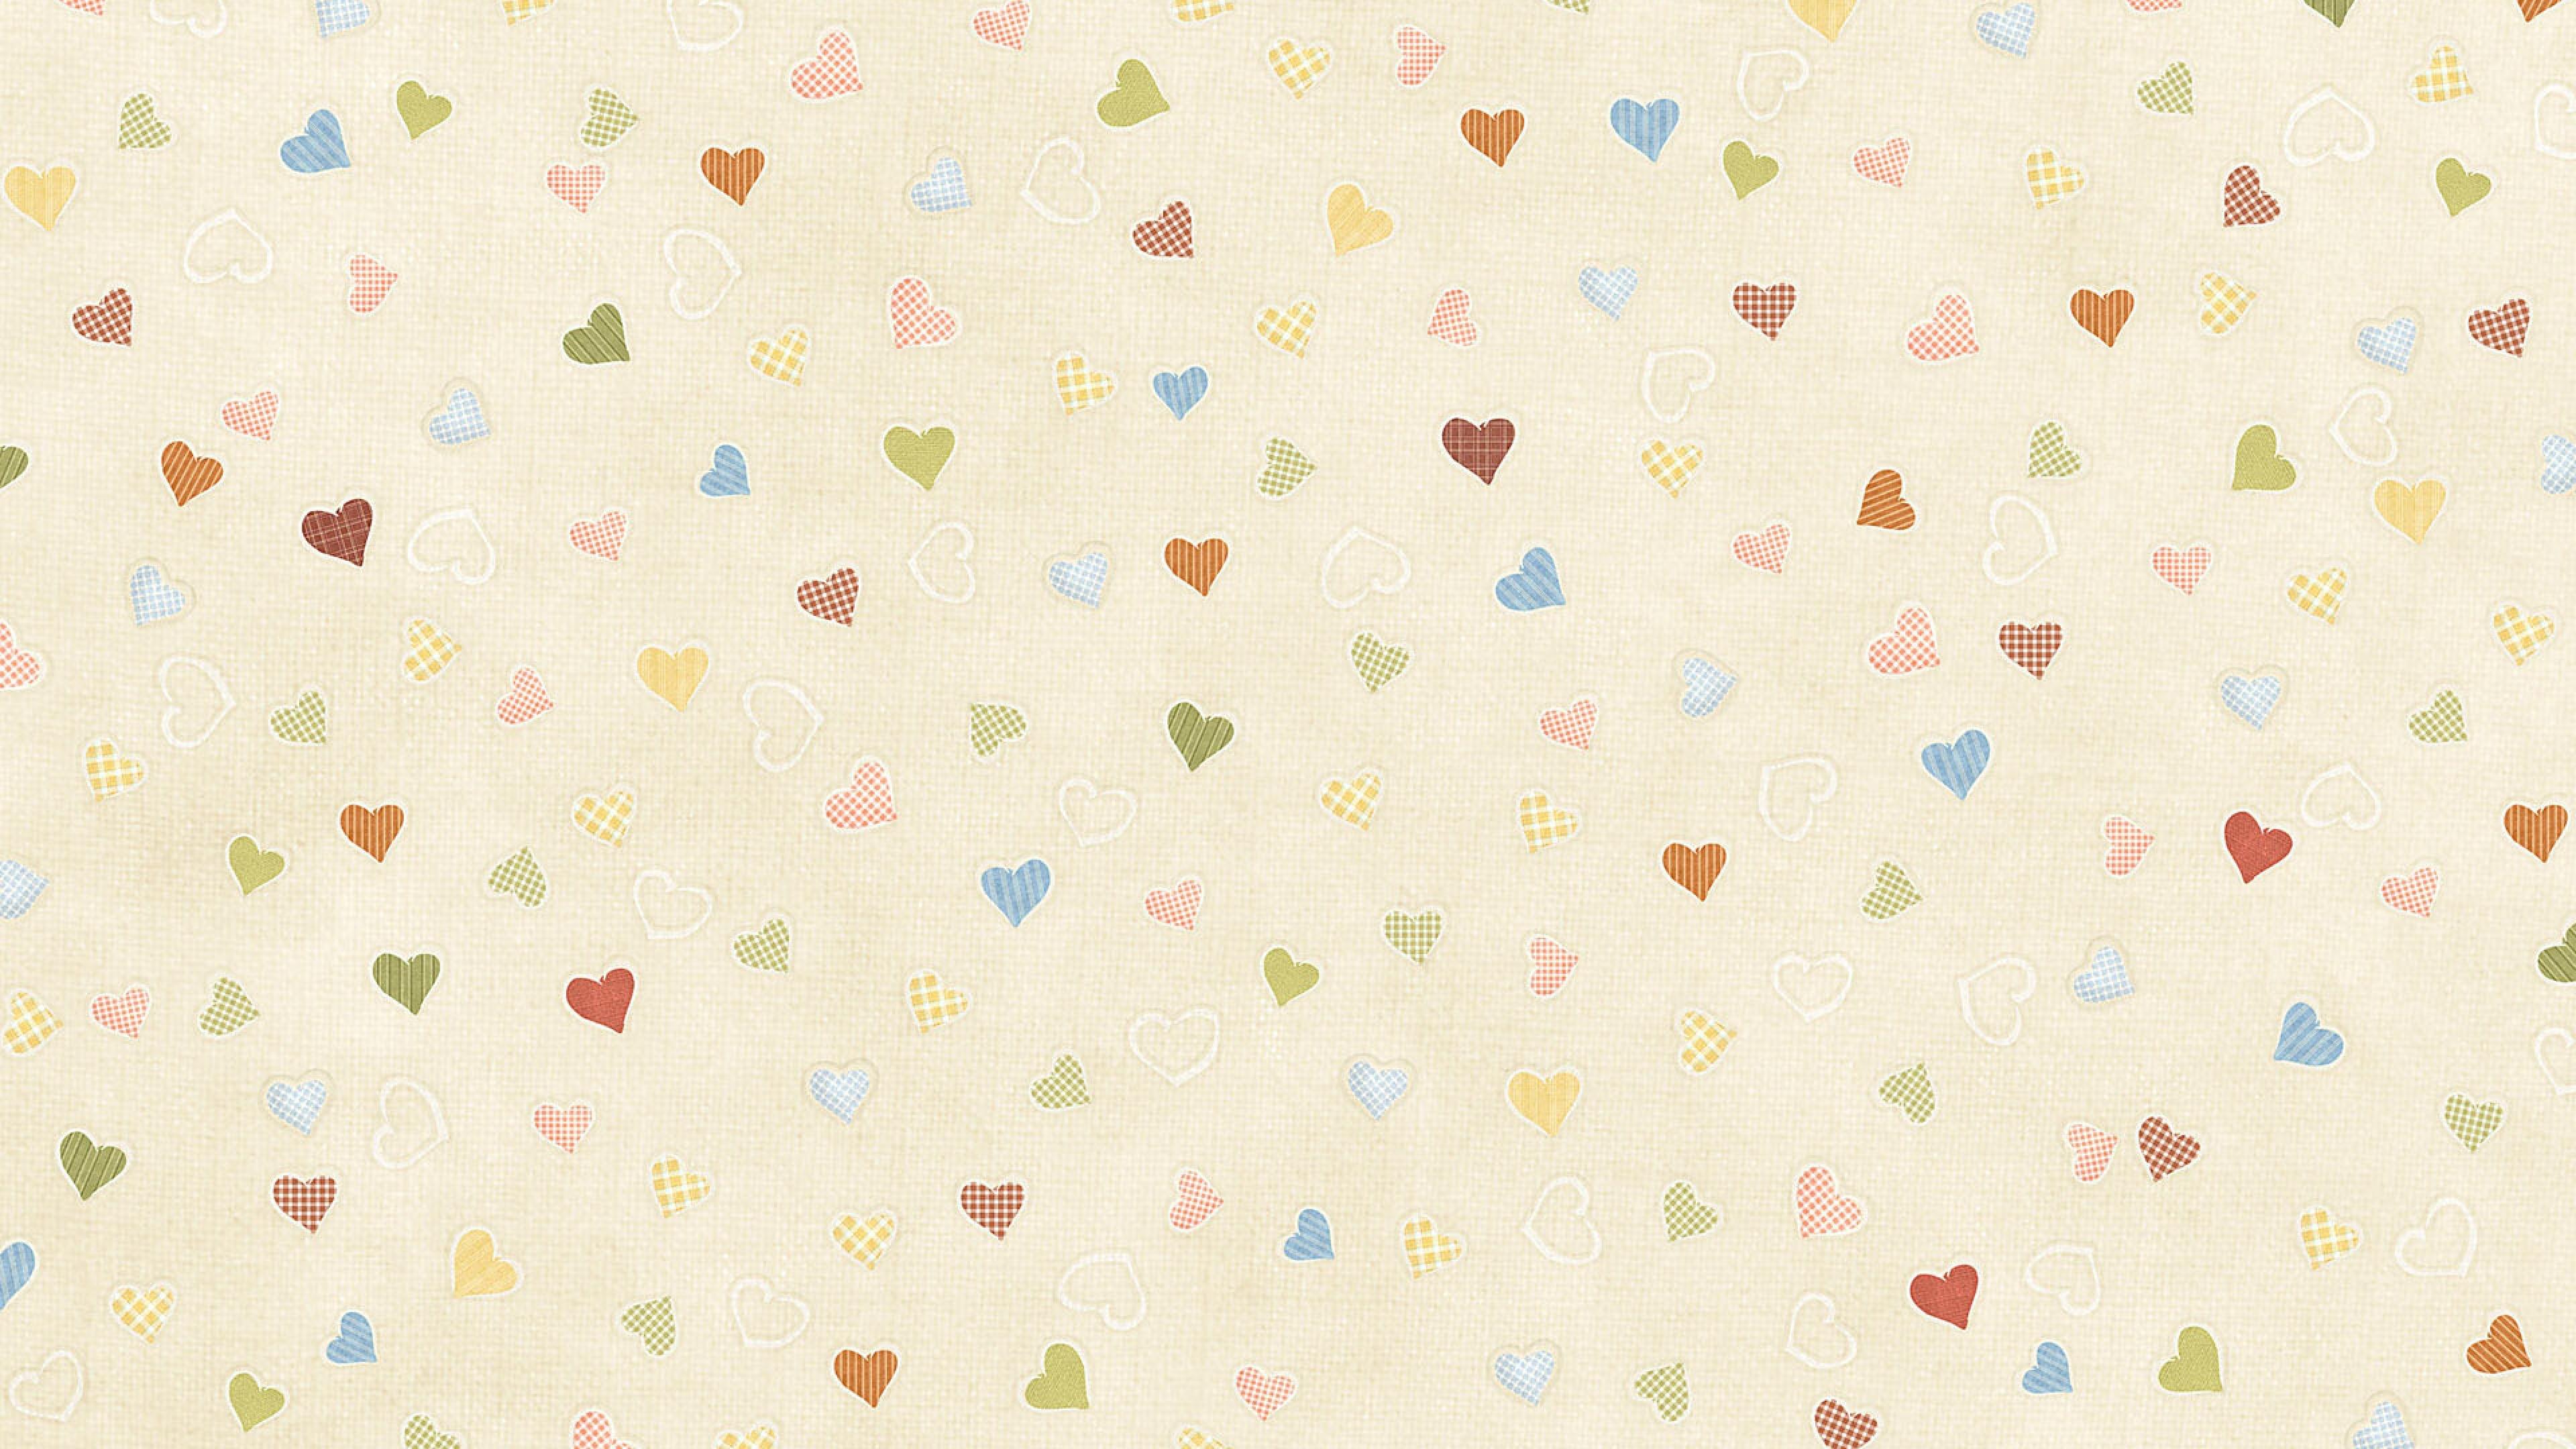 Baby Wallpaper Backgrounds - WallpaperPulse